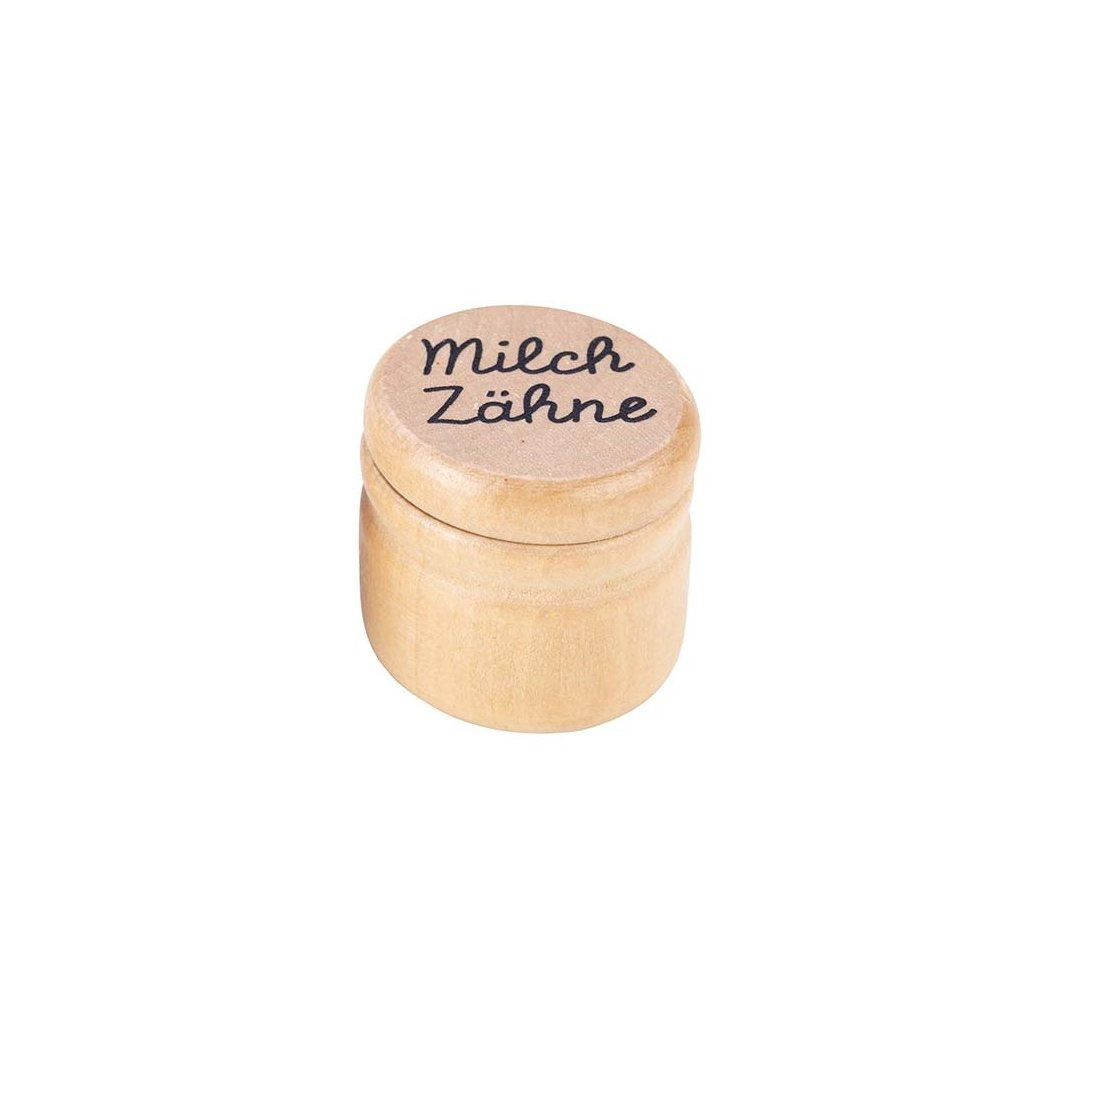 Goki GK202 Milchzahn-Dose aus Holz 12 St/ück Natur /Ø 4 x 3 cm